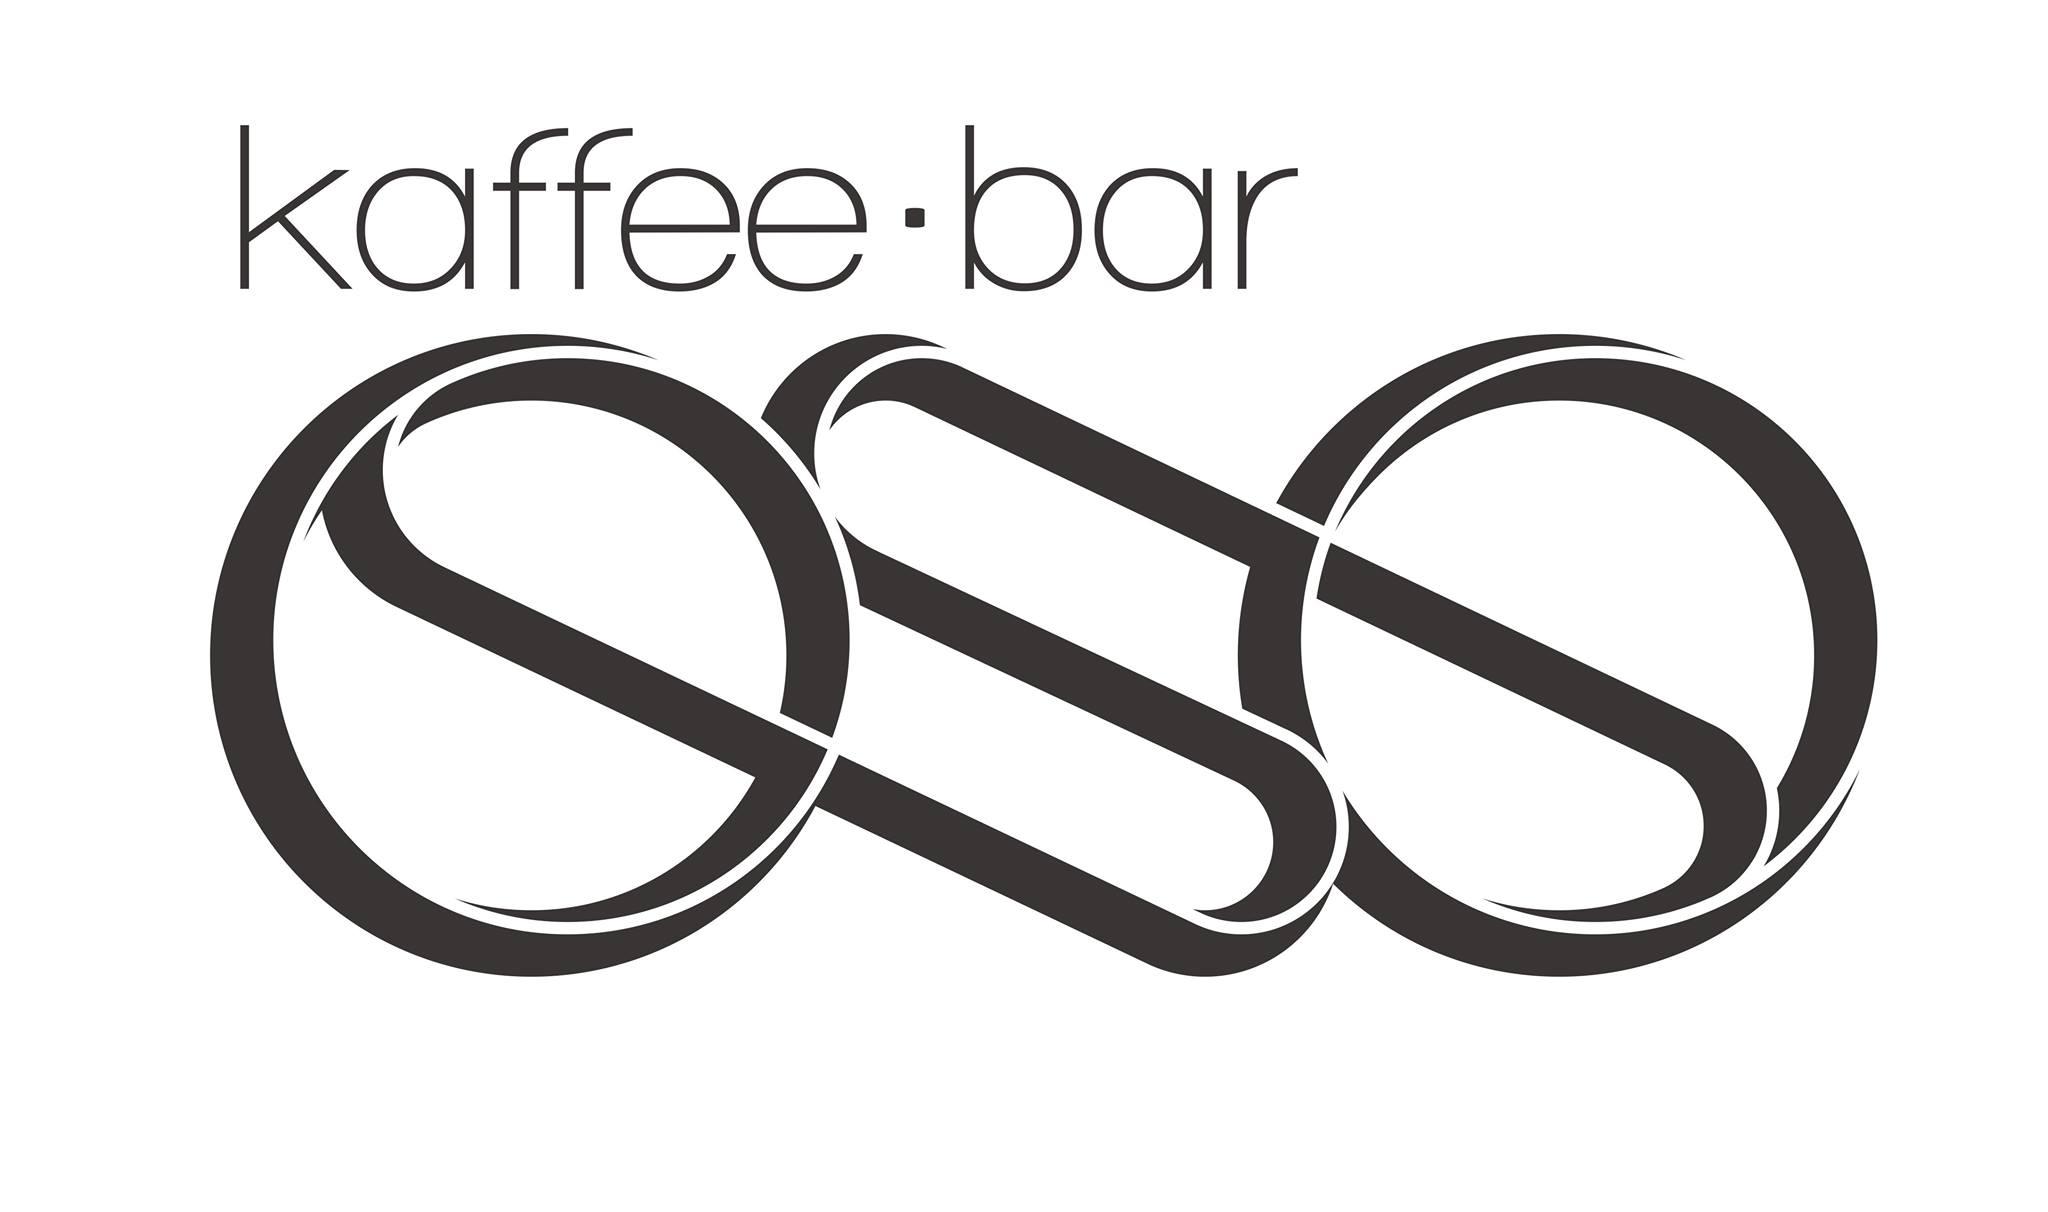 kaffee bar OSO in Burgdorf - Ausgezeichnete Restaurants, Bars, Take ...